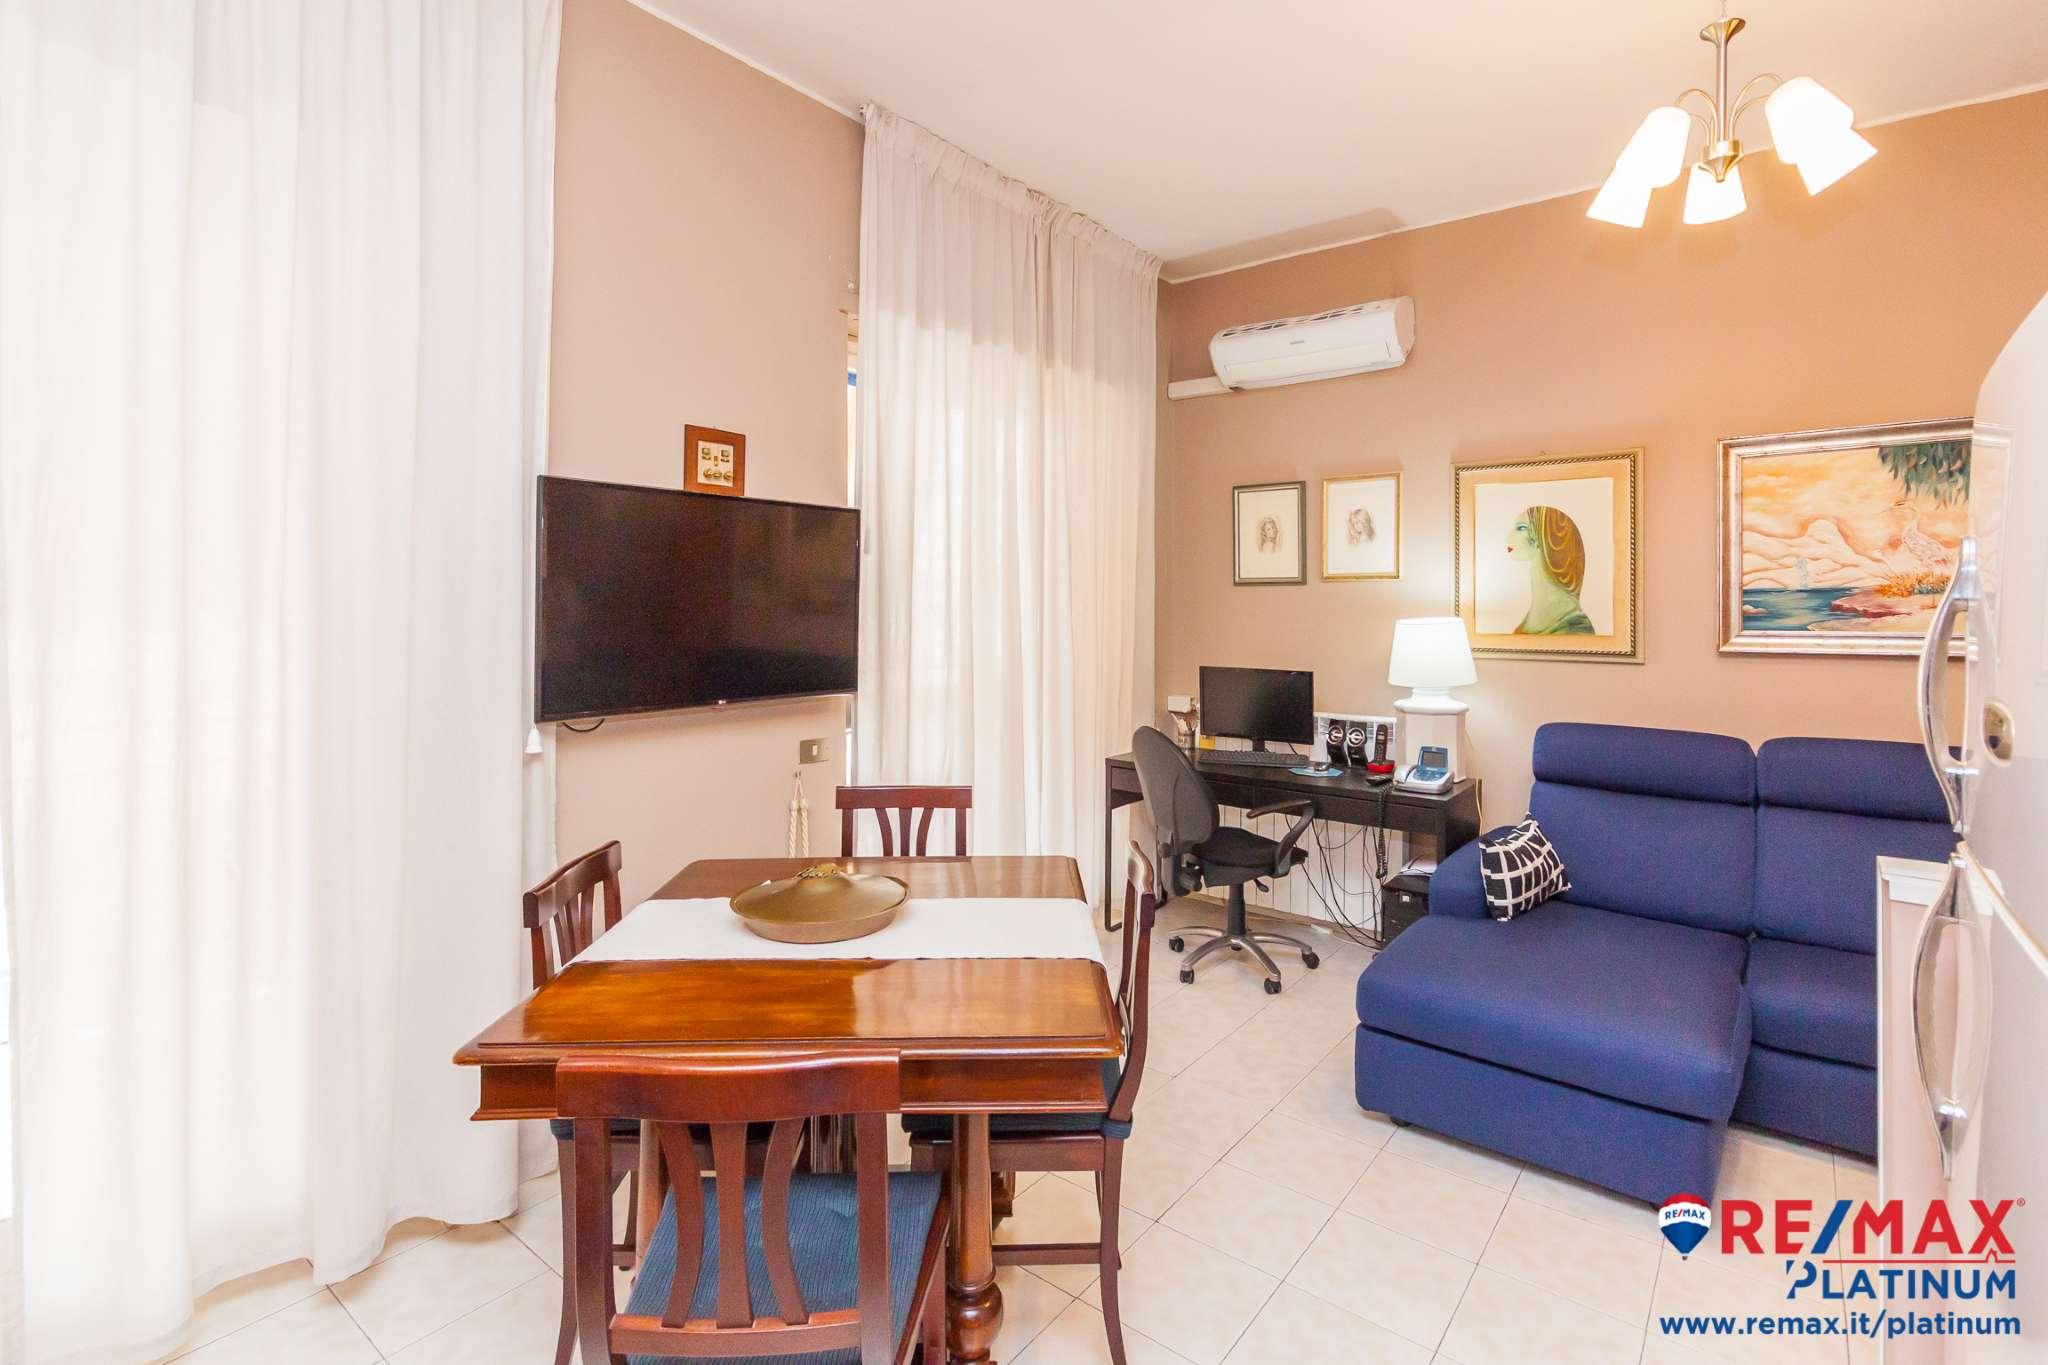 Appartamento in vendita a Catania, 3 locali, prezzo € 149.000   CambioCasa.it